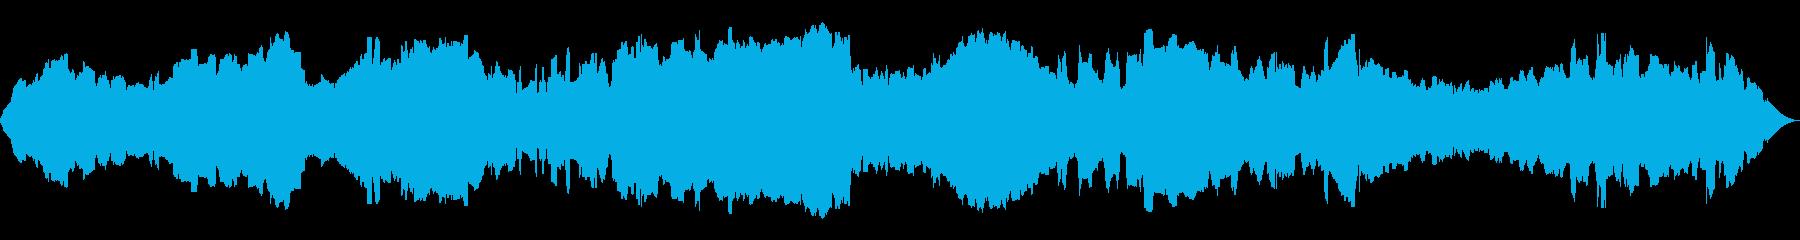 フランジング、変動送信、SCI F...の再生済みの波形